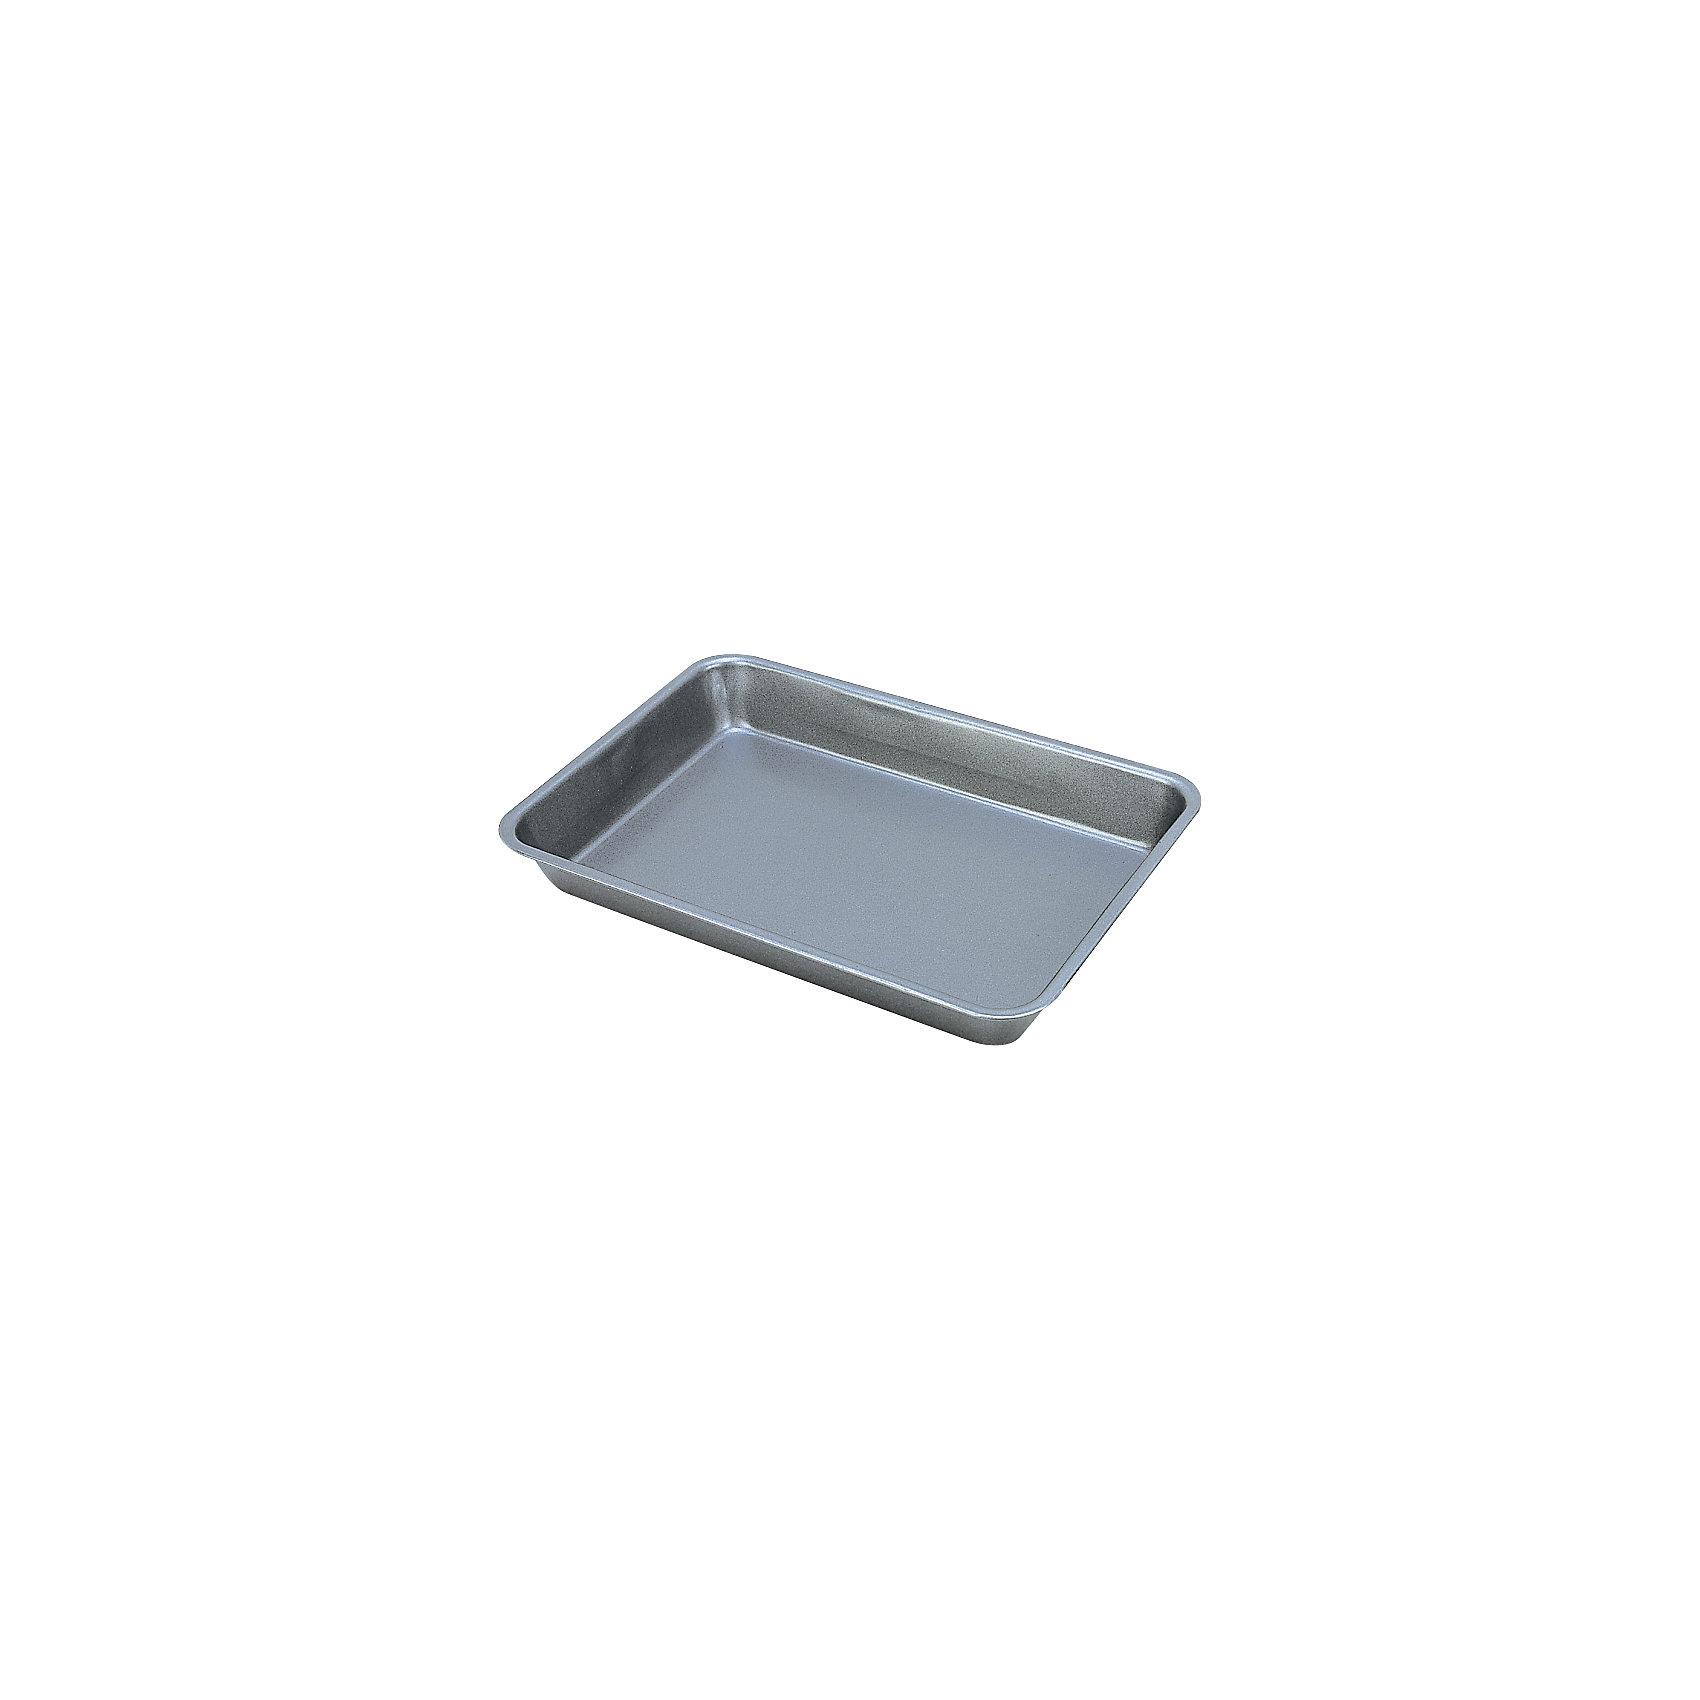 Противень для выпечки MAL-K001SБытовая техника для кухни<br>Противень для выпечки MAL-K001S, Mallony (Маллони)<br><br>Характеристики:<br><br>• двойное антипригарное покрытие<br>• изготовлен из карбоновой стали<br>• размер: 28х19,5х3,8 см<br>• рабочая поверхность: 26х17 см<br>• толщина: 0,4 мм<br><br>С противнем для выпечки можно приготовить множество вкусных блюд. Противень изготовлен из карбоновой стали толщиной 0,4 мм. Имеет двухслойное антипригарное покрытие. Высокие бортики позволят вам запекать объемные продукты. А расширенные края удобны для переноски.<br><br>Противень для выпечки MAL-K001S, Mallony (Маллони) вы можете купить в нашем интернет-магазине.<br><br>Ширина мм: 290<br>Глубина мм: 200<br>Высота мм: 40<br>Вес г: 254<br>Возраст от месяцев: 216<br>Возраст до месяцев: 1188<br>Пол: Унисекс<br>Возраст: Детский<br>SKU: 5454069